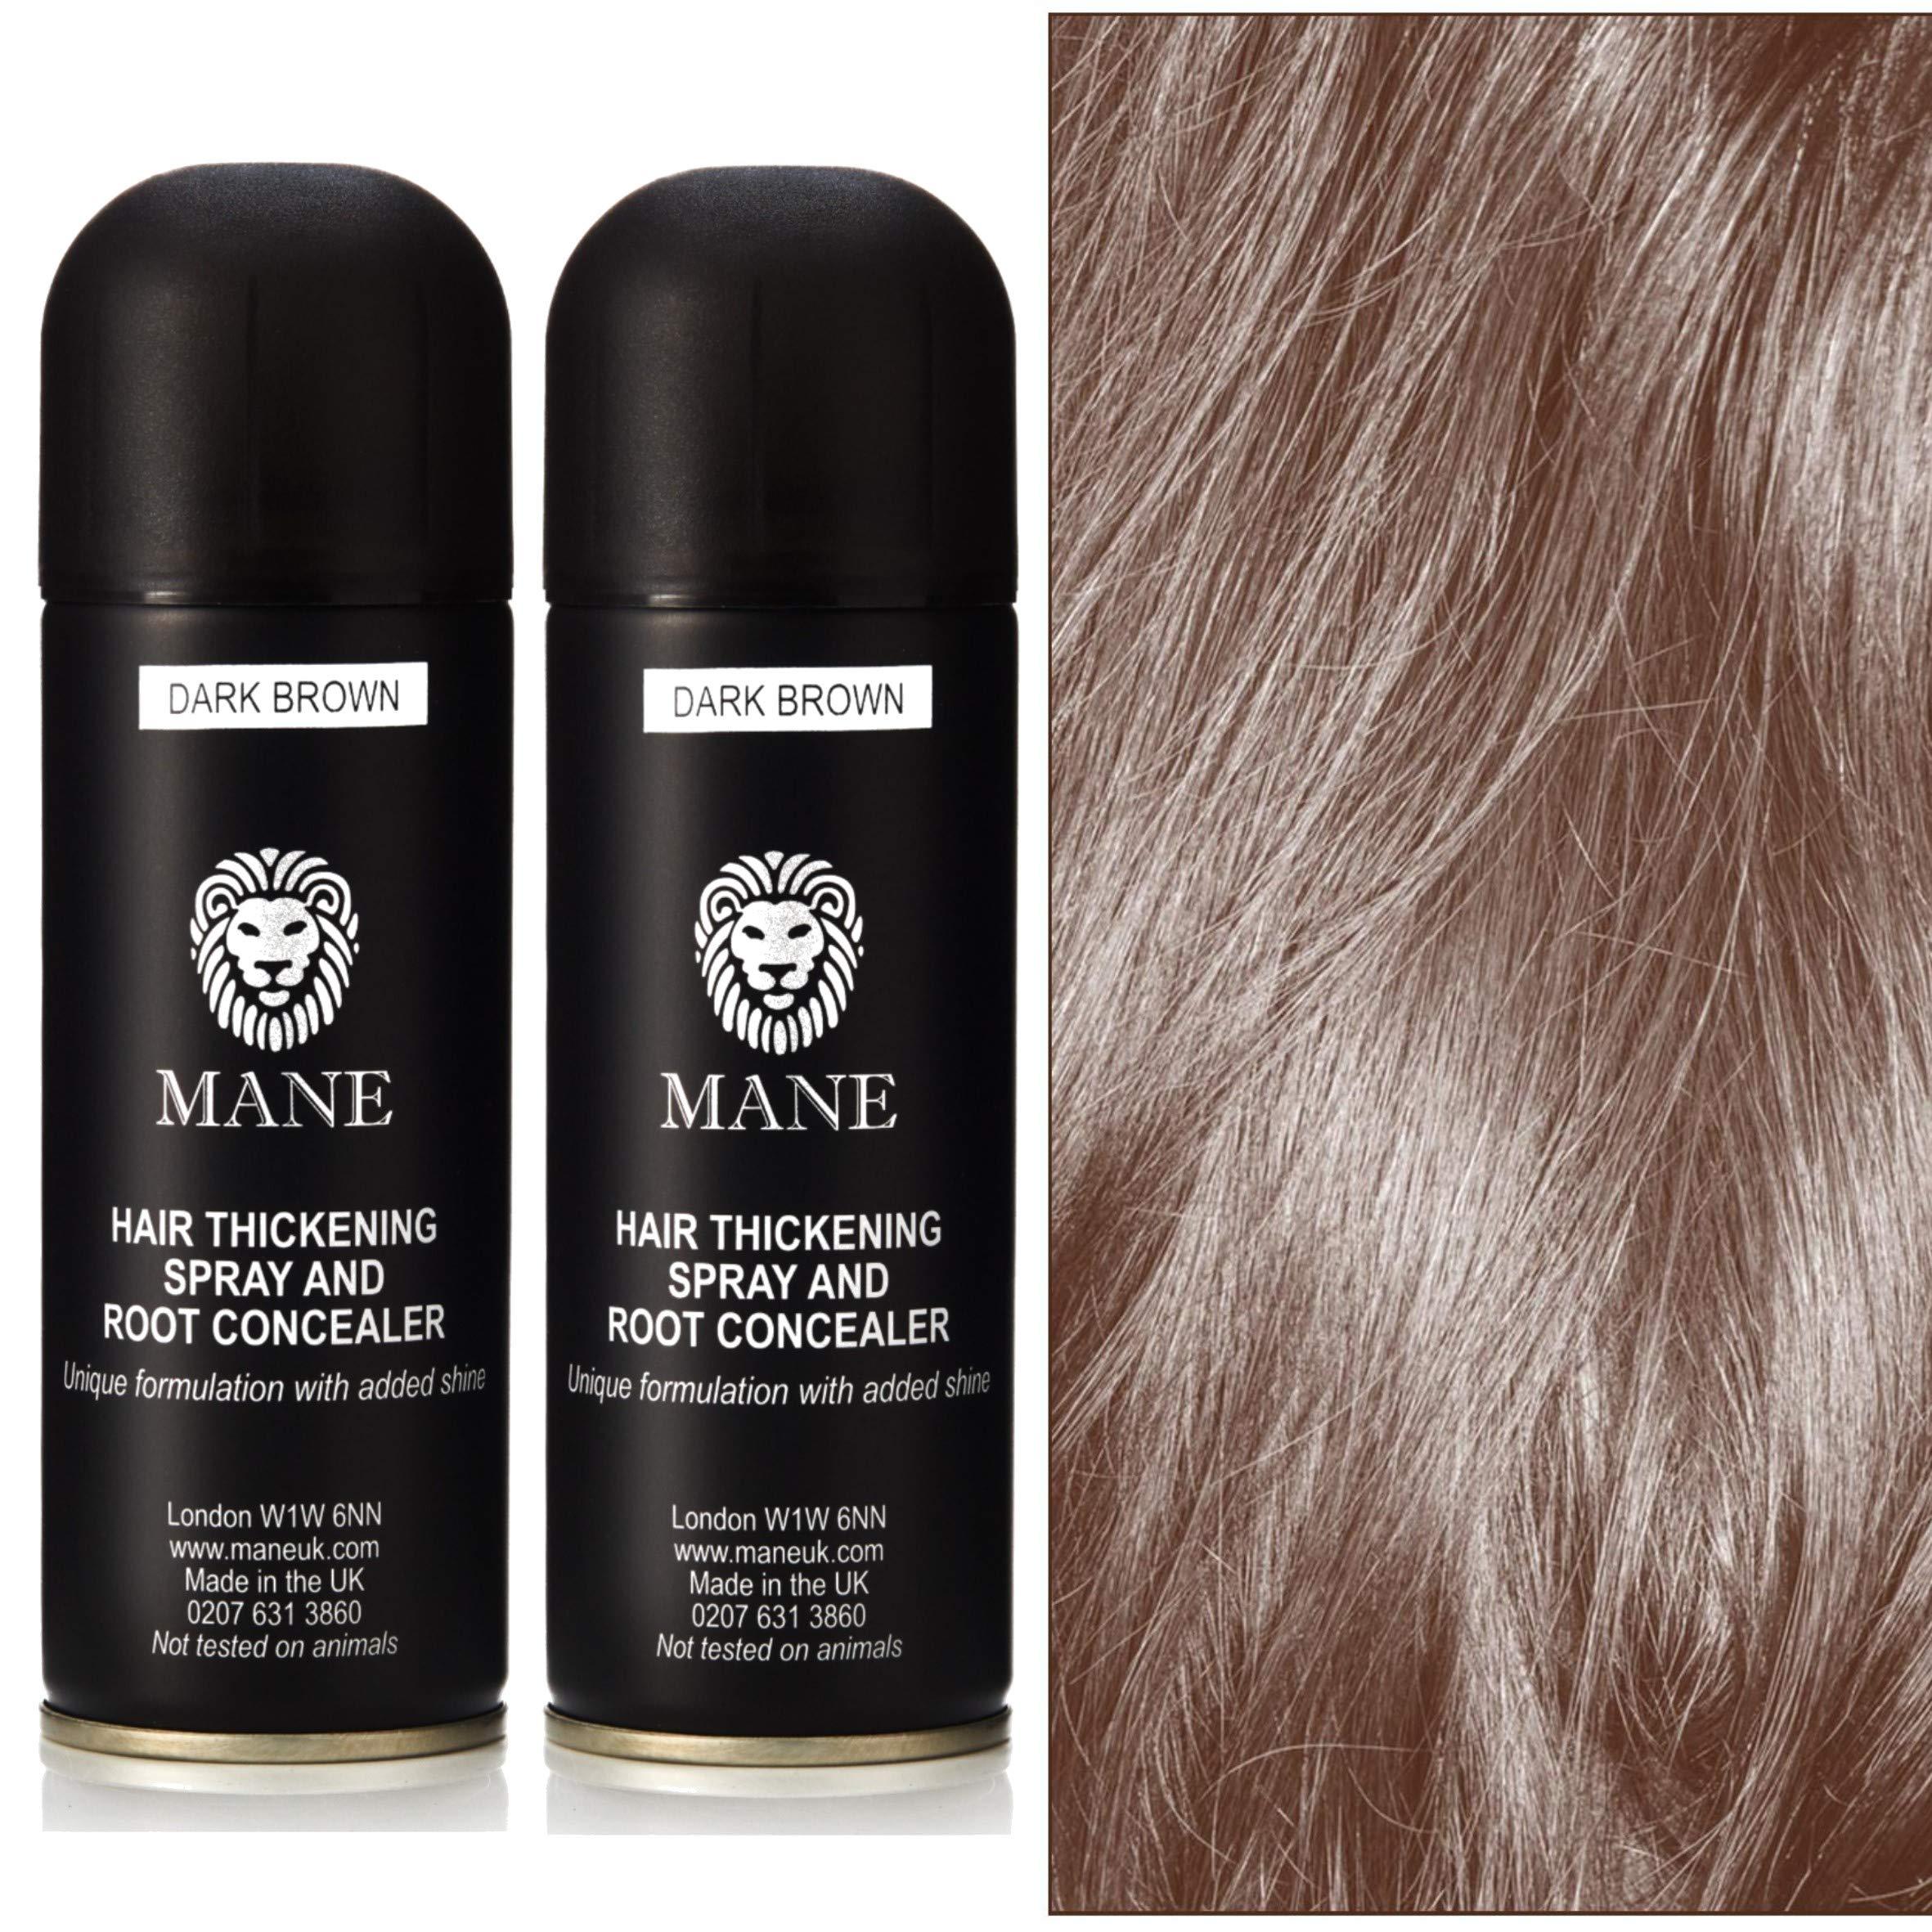 Mane Coloured Hair Thickening Spray Dark Brown 200ml x 2 aerosols